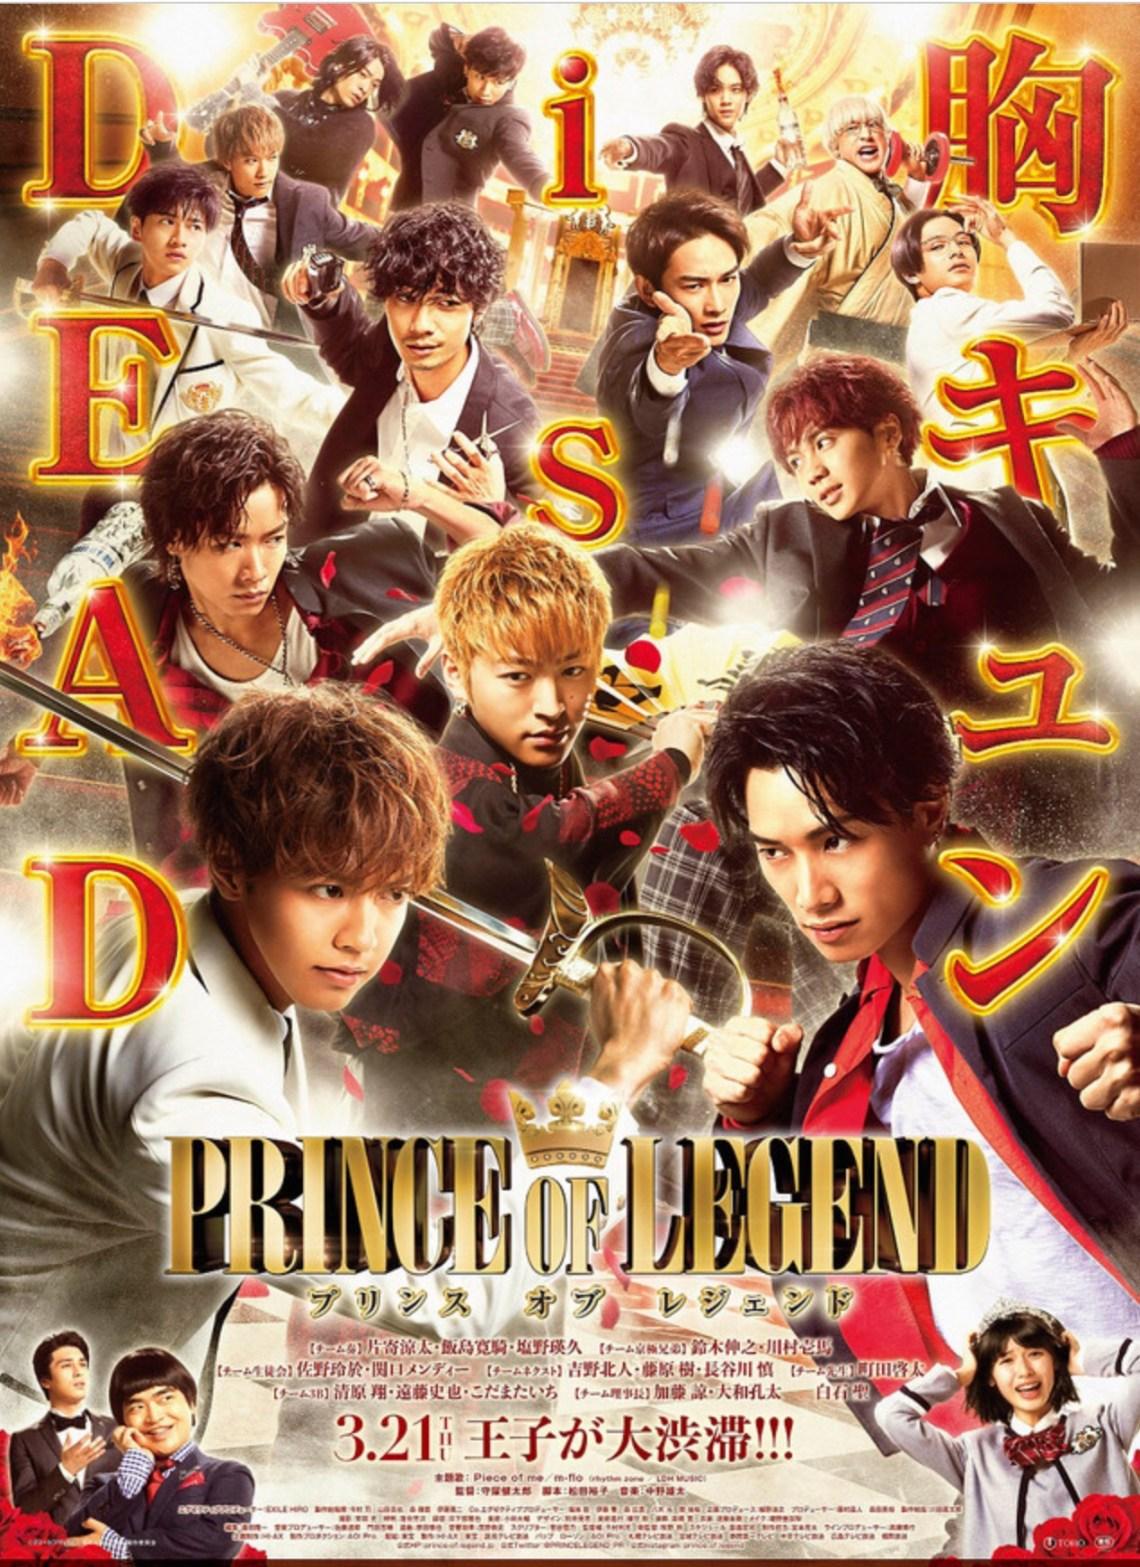 Prince of Legend Movie (2019) ซับไทย